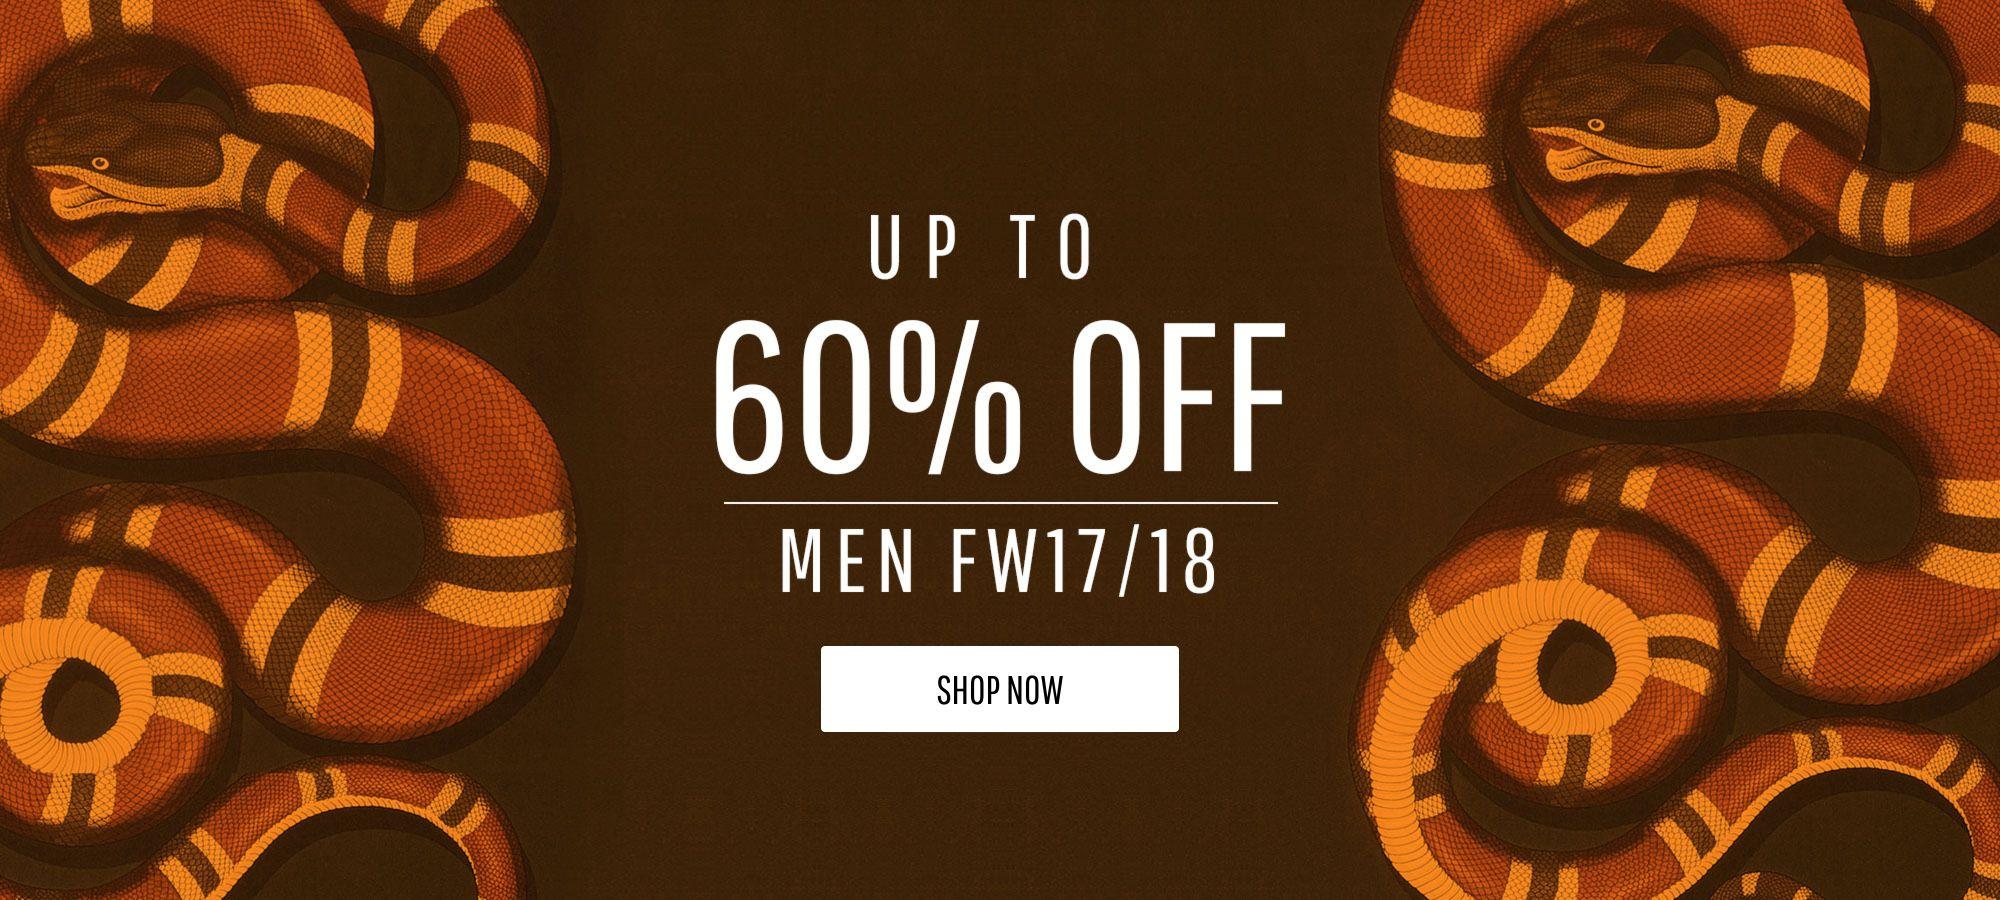 Men Sale - Fall Winter 2017